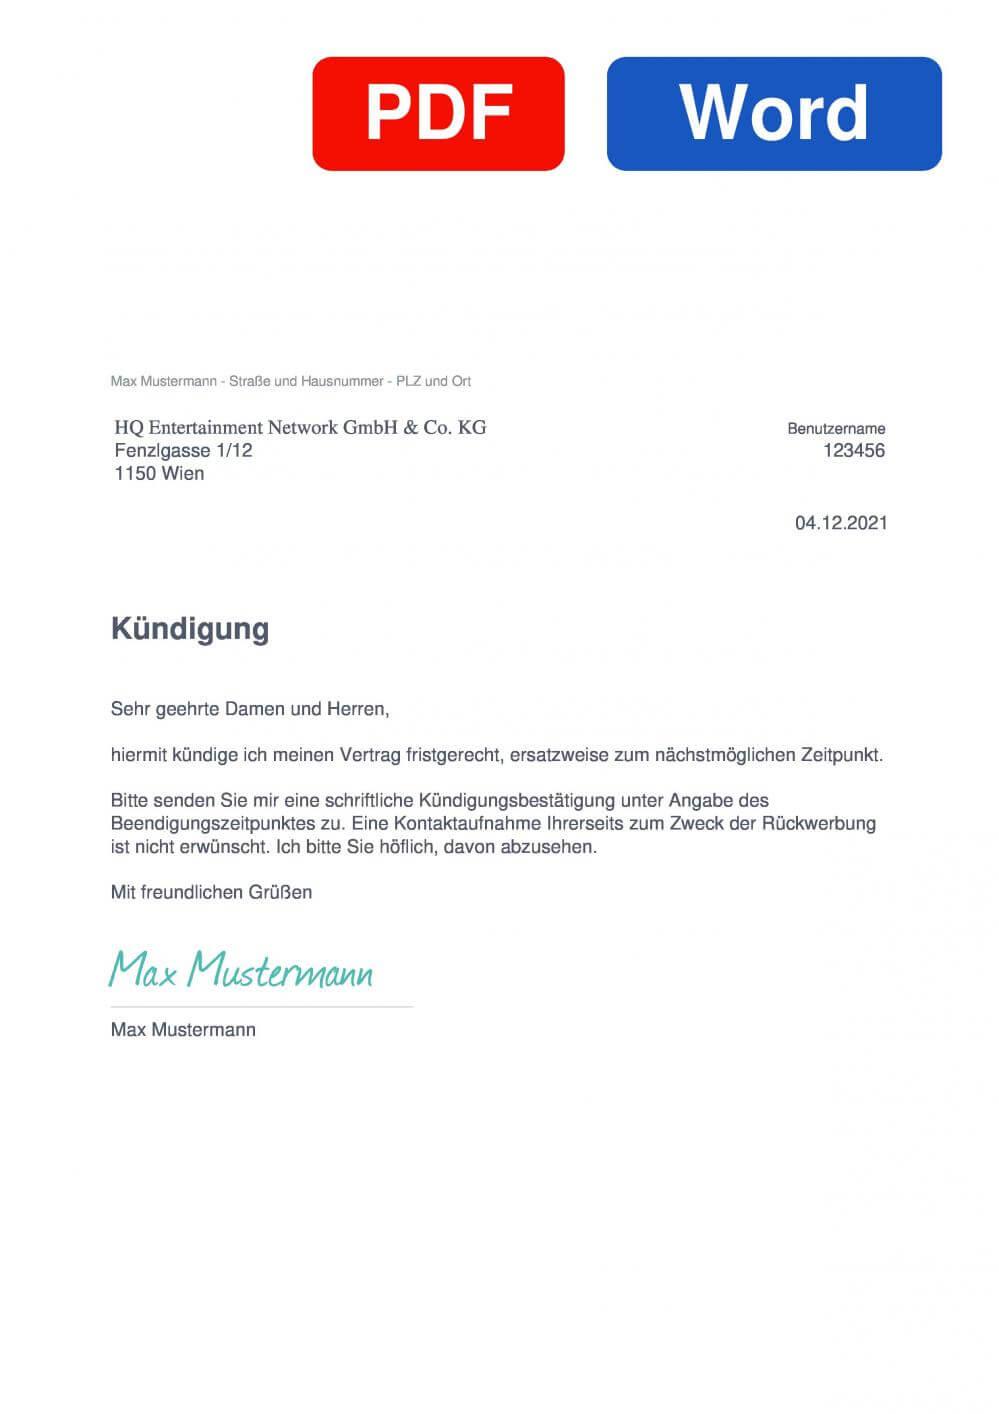 6raum.de Muster Vorlage für Kündigungsschreiben